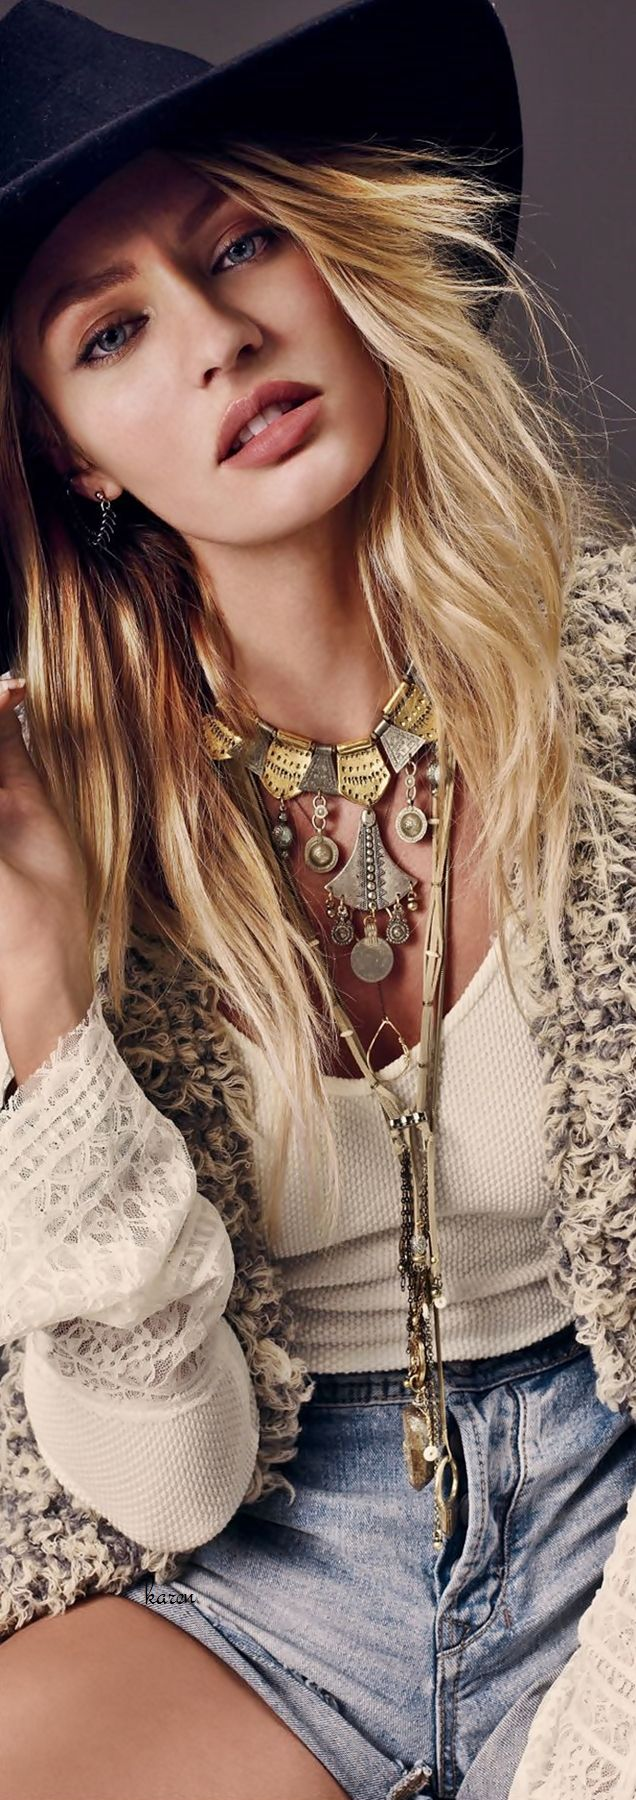 519 best Boho Chic images on Pinterest | Boho fashion, Bohemian ...